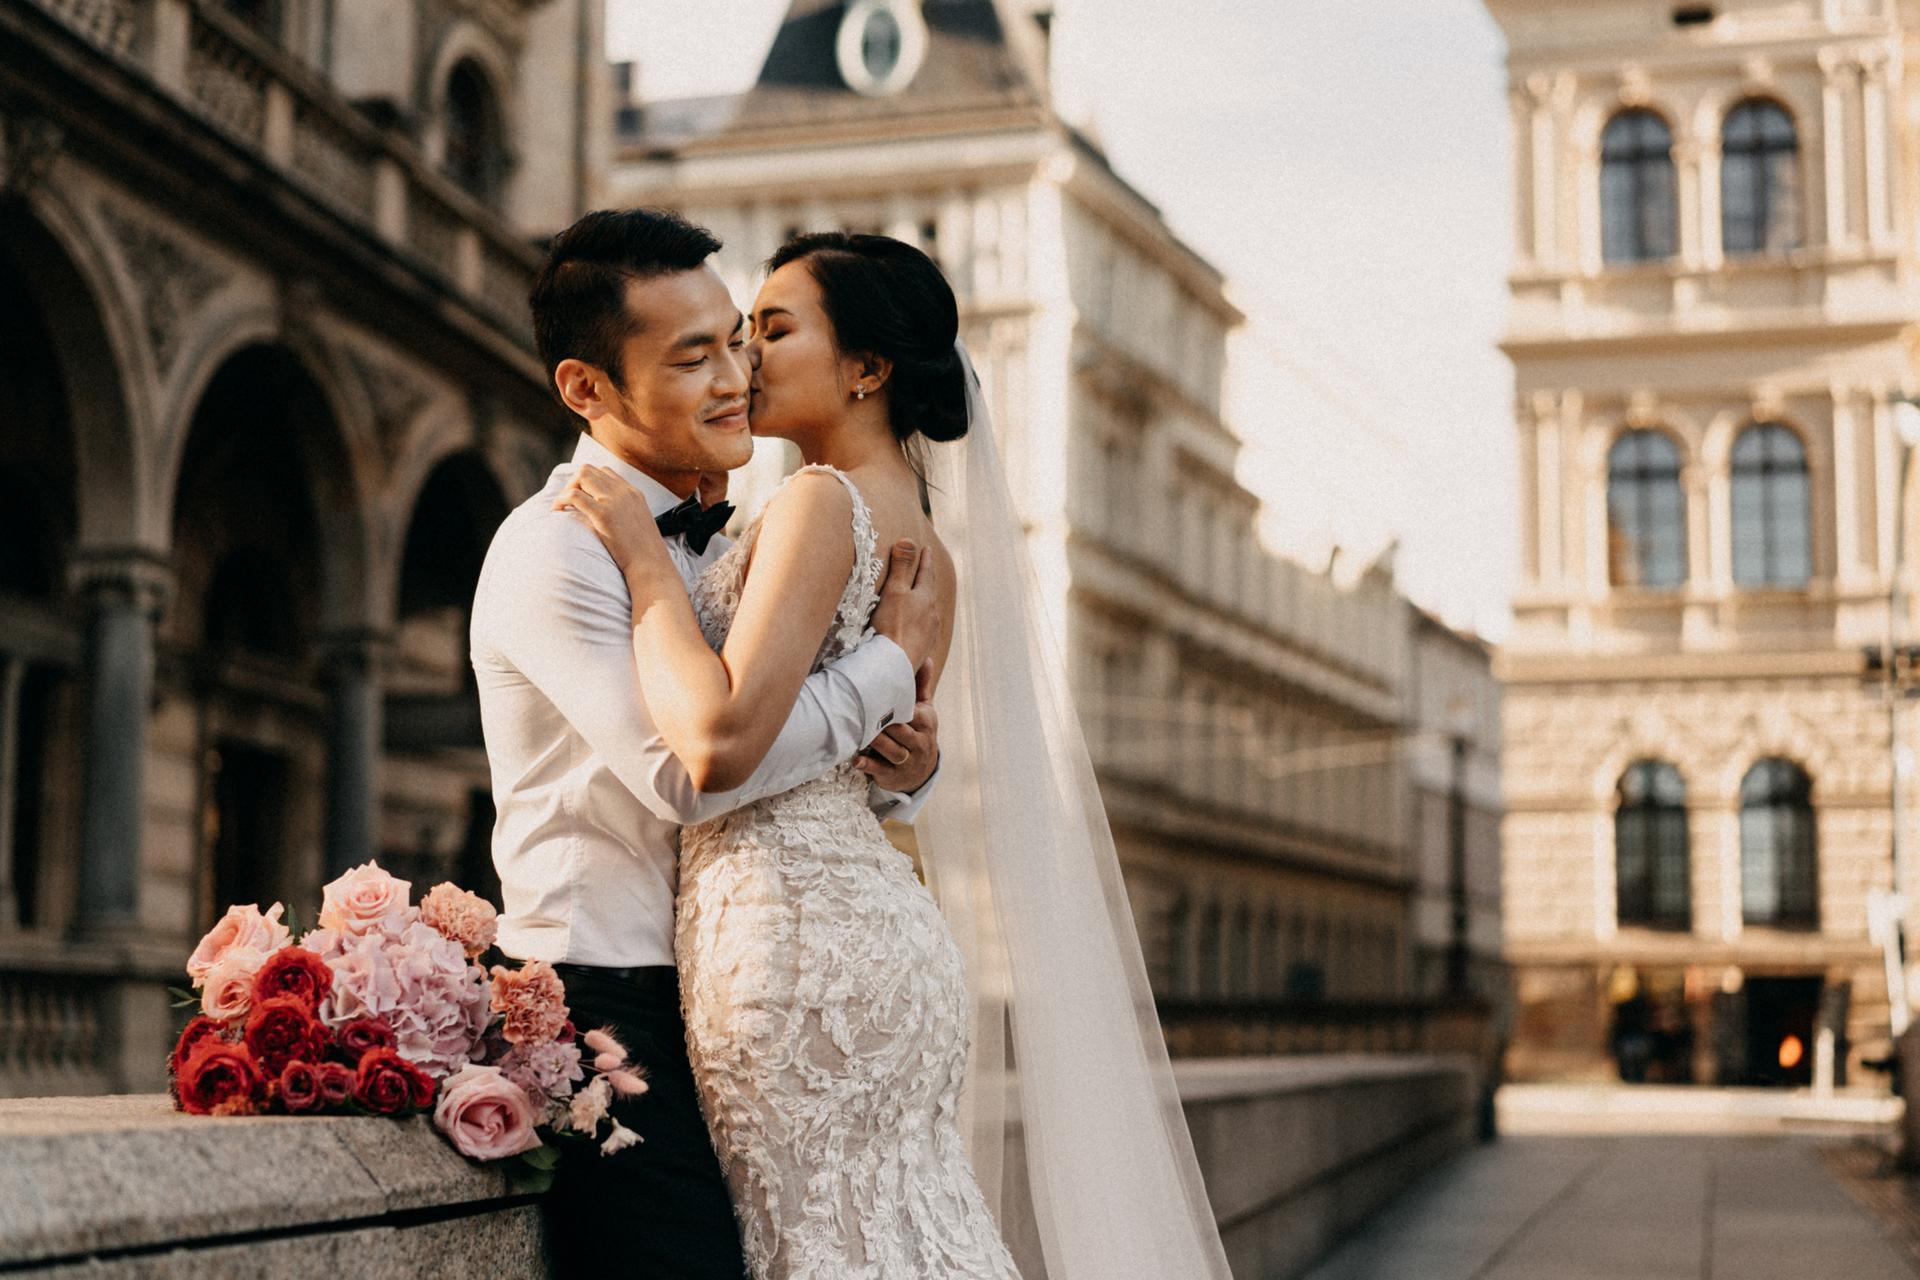 Předsvatební album Truong + Linh v Praze - Obrázek č. 1